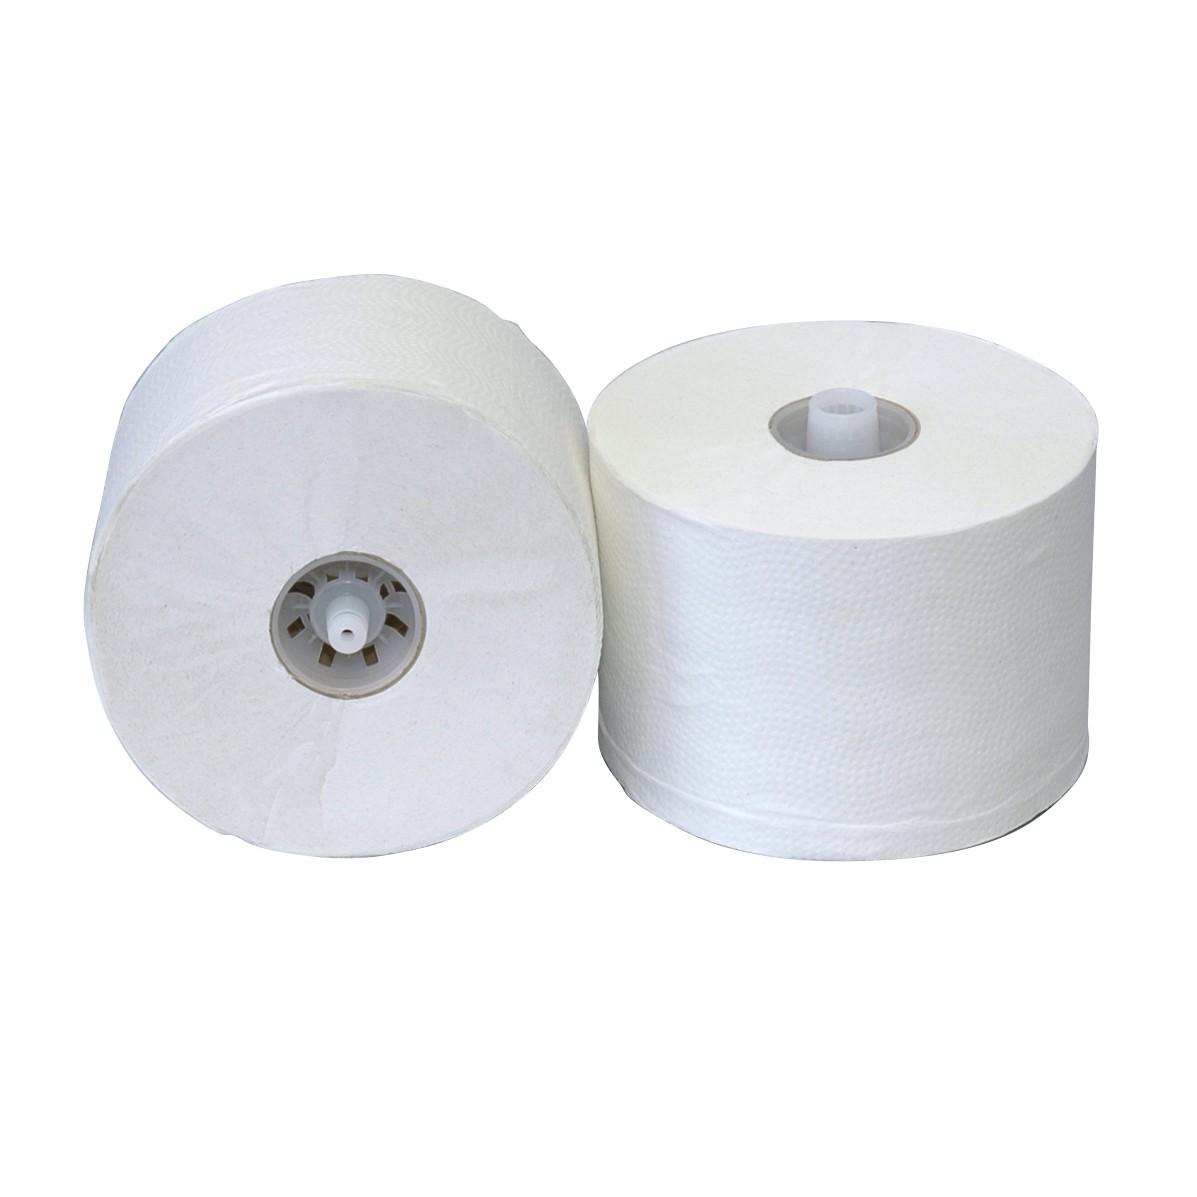 Toiletpapier met dop 150 meter 1-laags rec. tissue, inhoud 36 rollen ECO/FSC